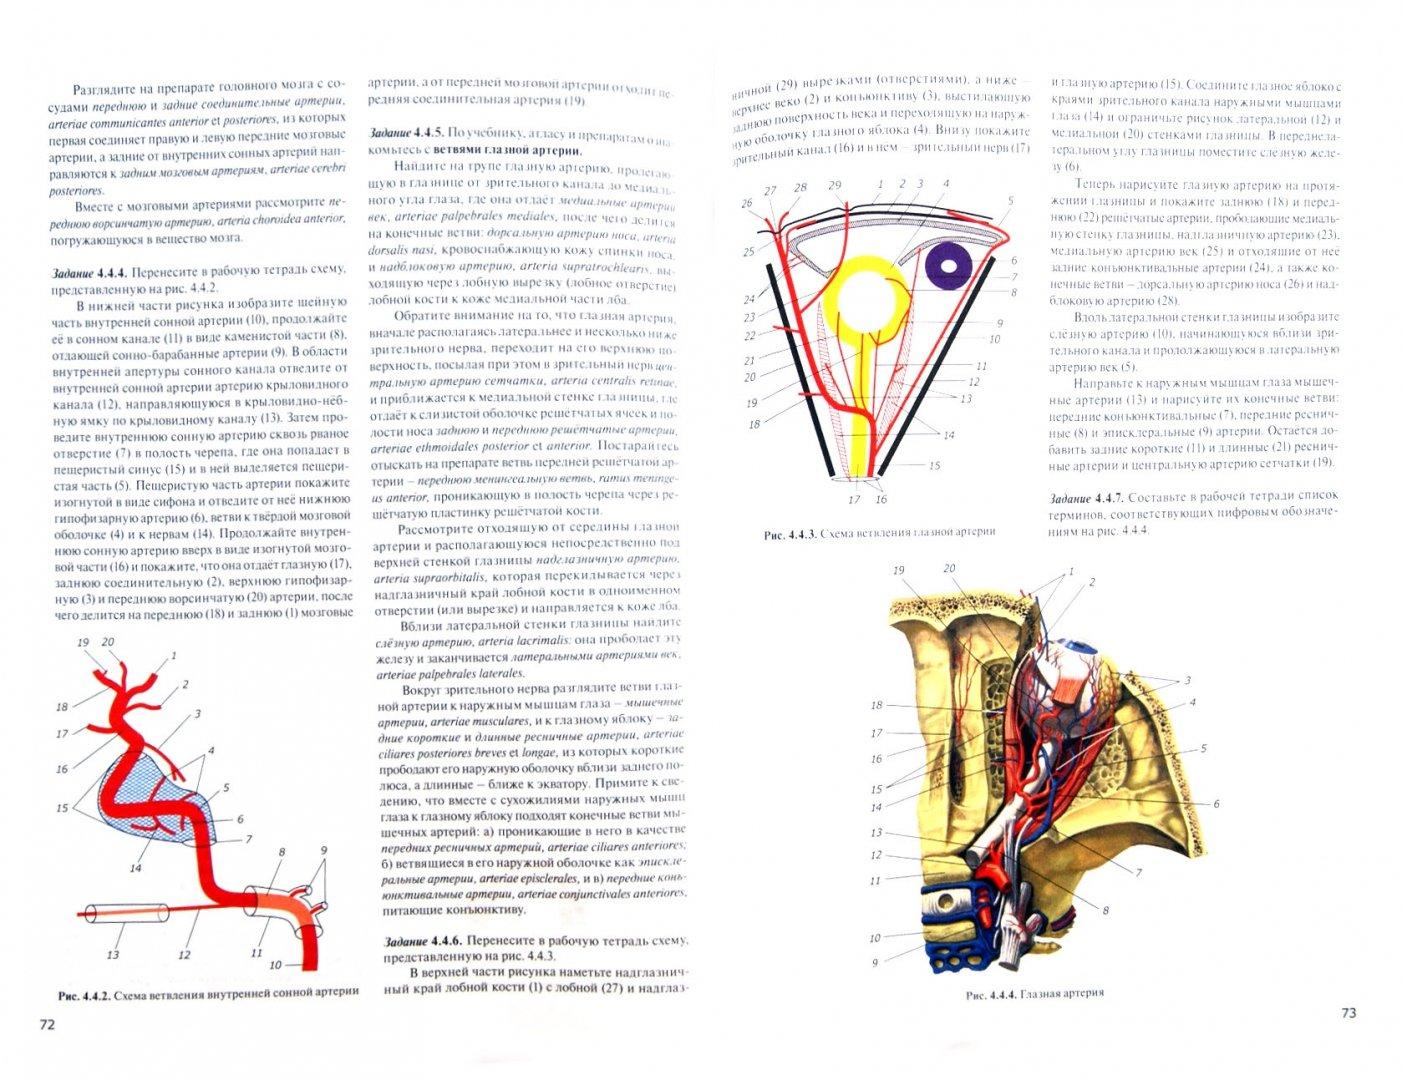 Иллюстрация 1 из 4 для Практикум по анатомии человека. В 4-х частях. Часть 3. Сердечно-сосудистая и лимфоидная системы - Цыбулькин, Горская, Колесников | Лабиринт - книги. Источник: Лабиринт